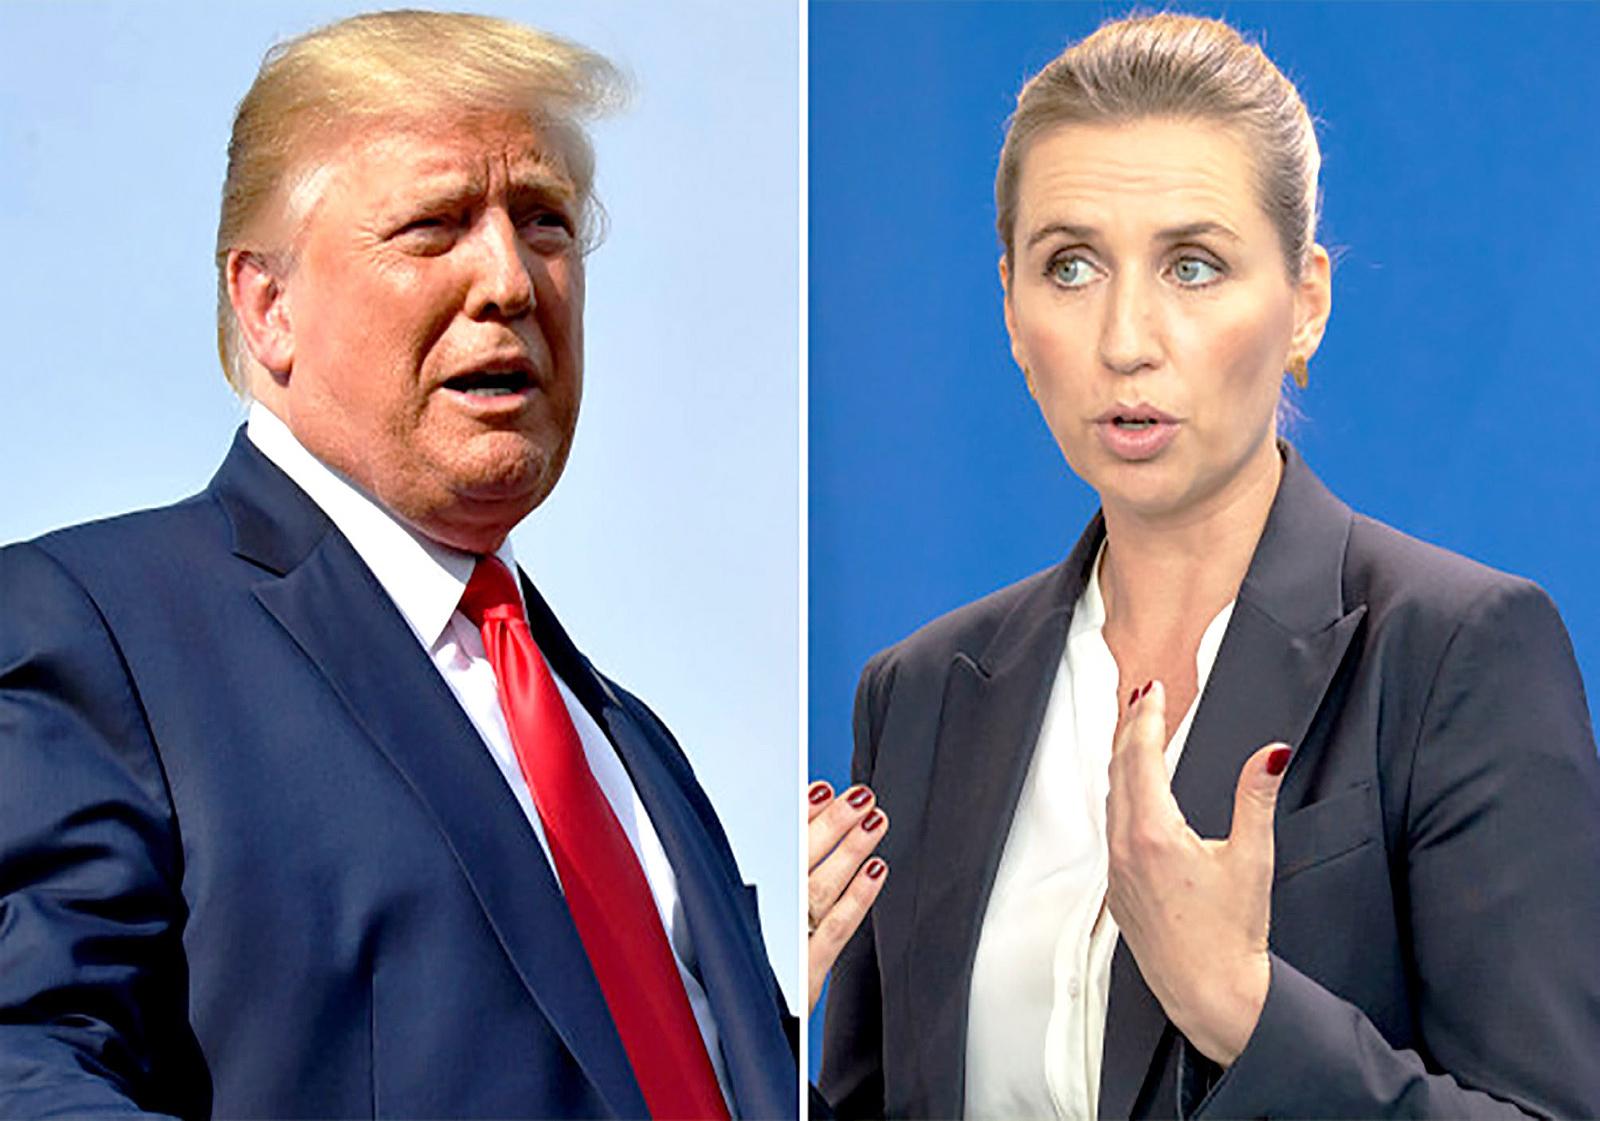 Tổng thống Trump (trái) và Thủ tướng Đan Mạch Frederiksen. Ảnh: Getty Images